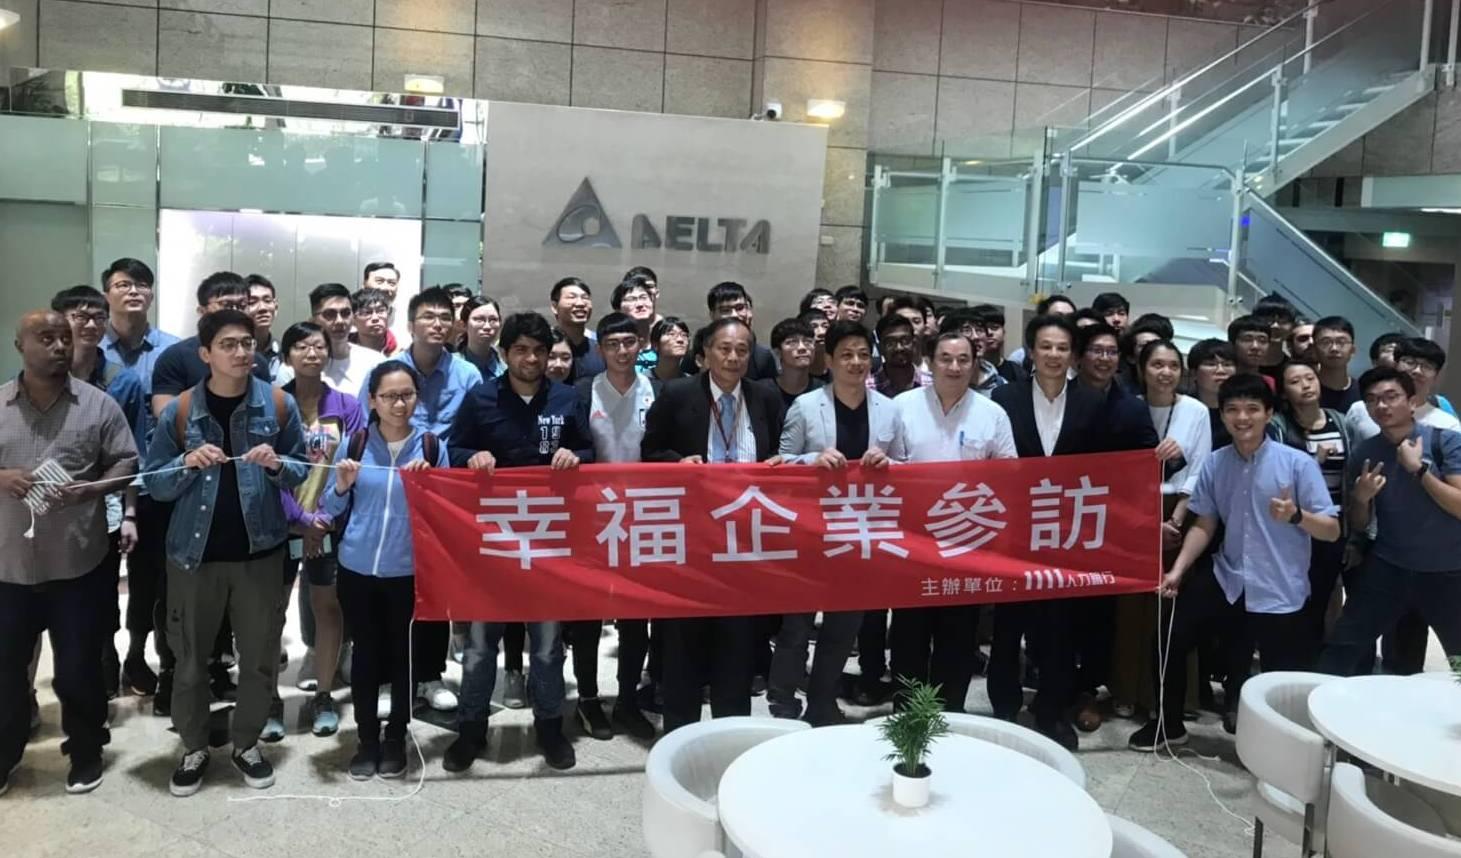 1111幸福企業參訪 邀請台科大及北科大學生-台達電子